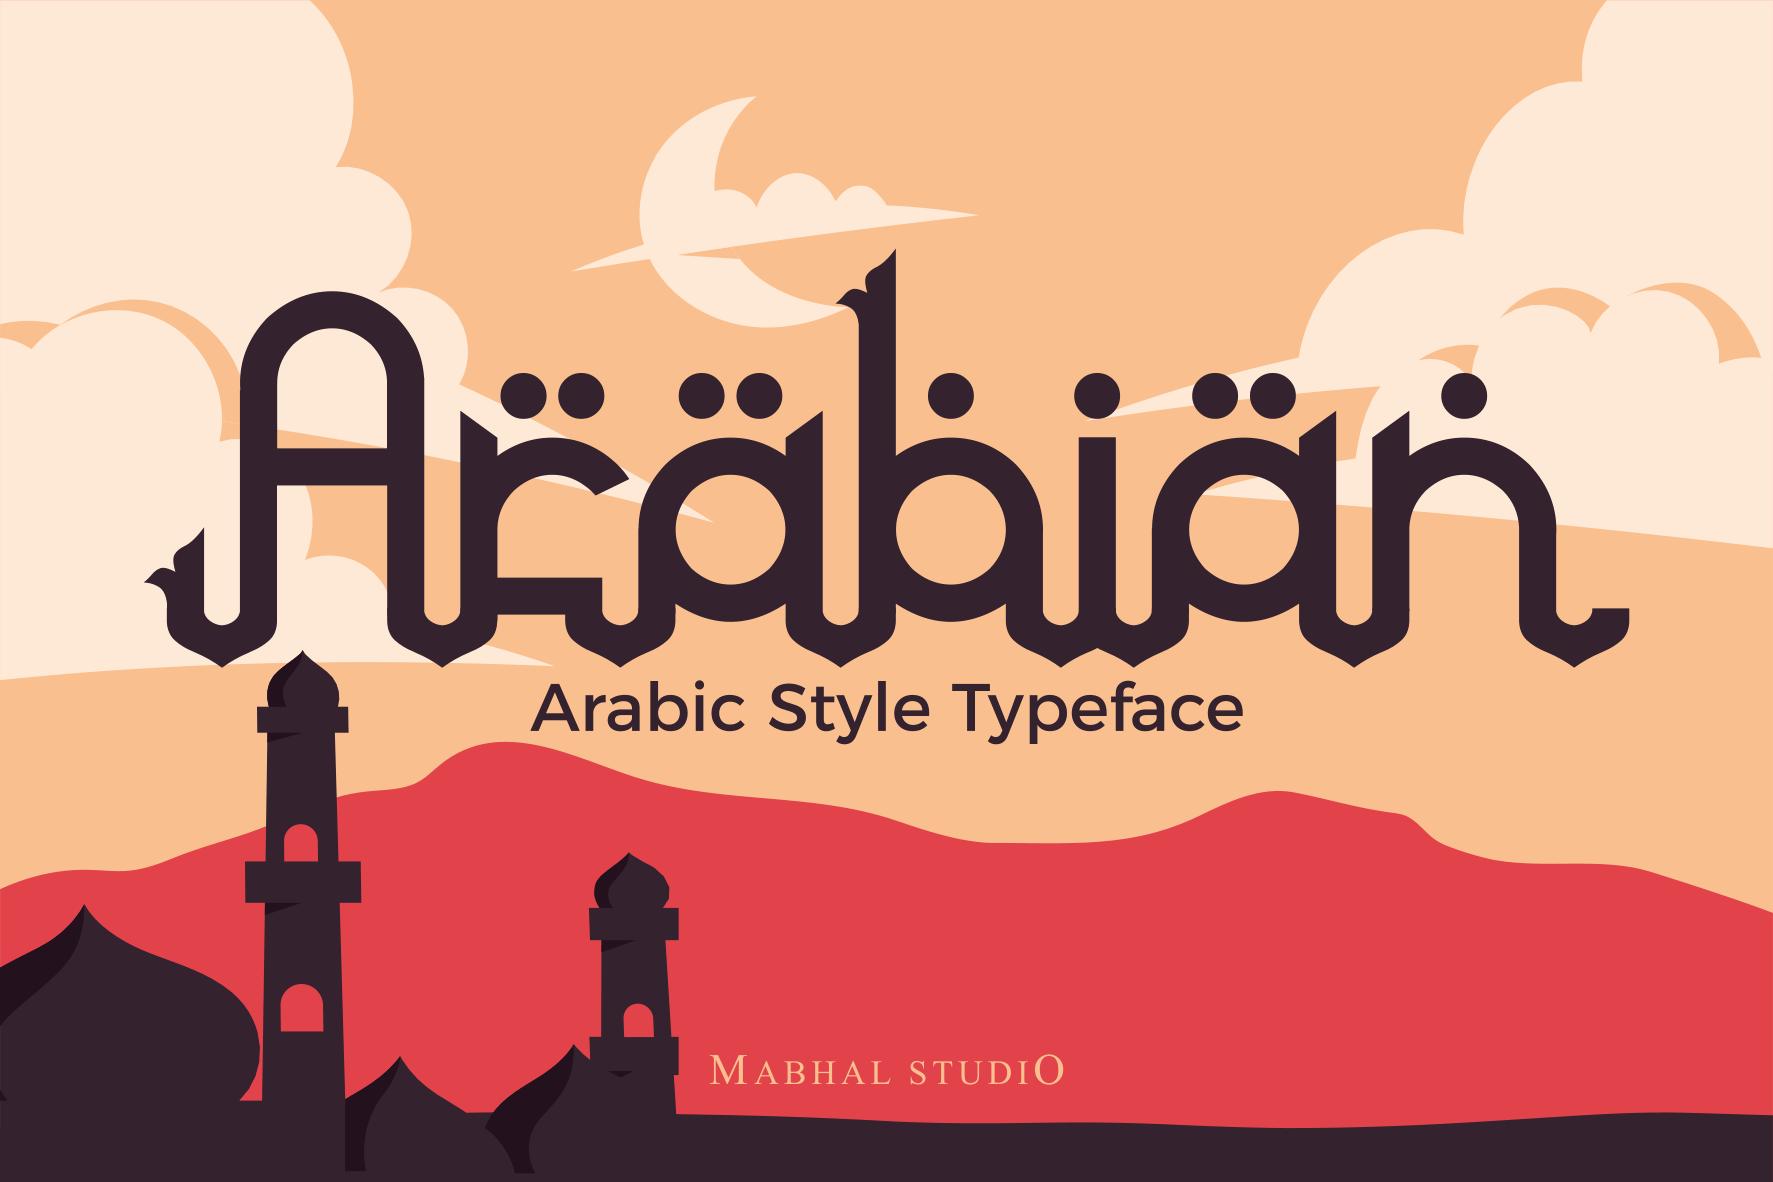 Arabian Font